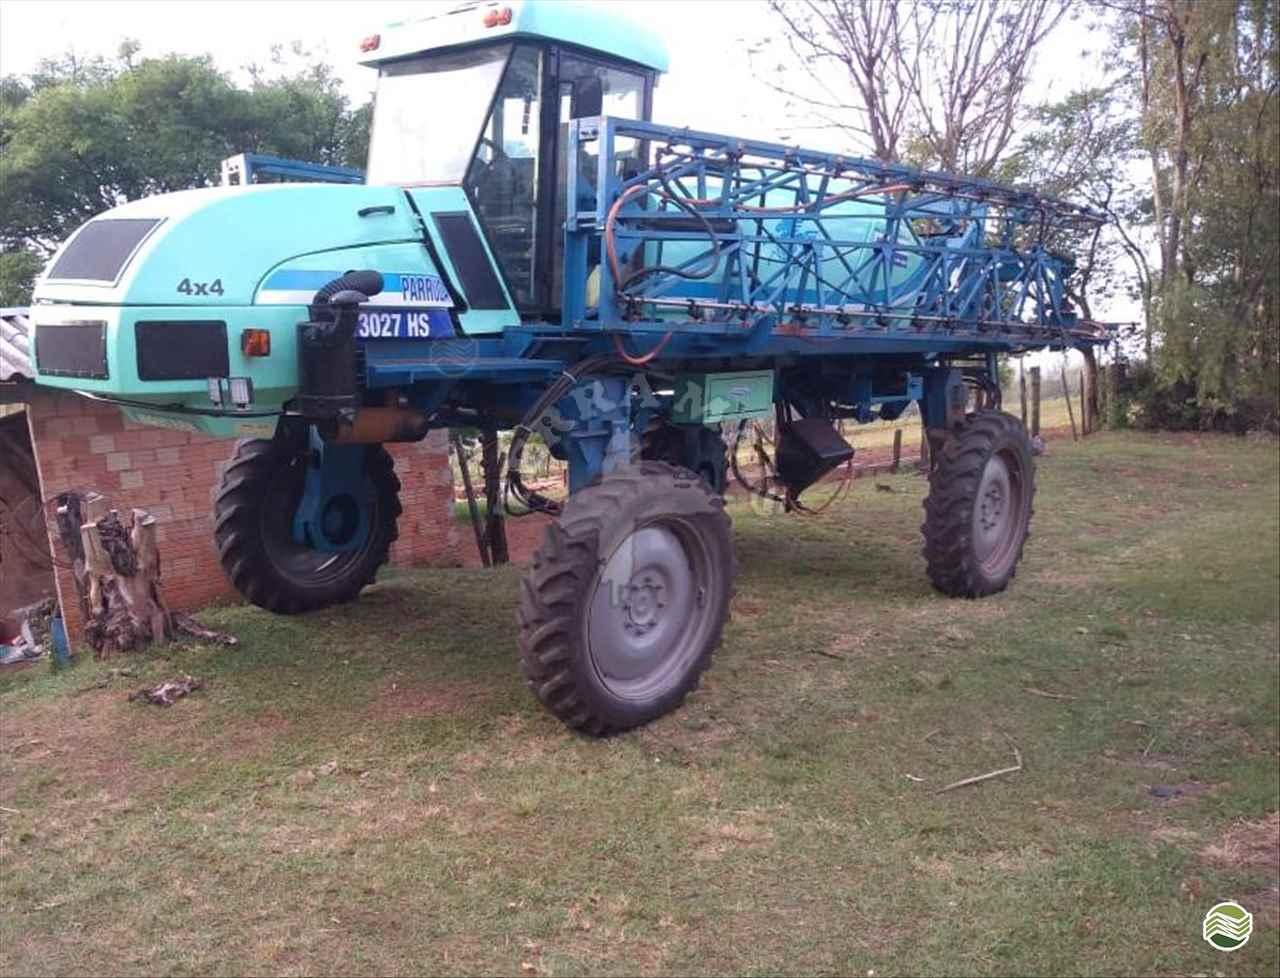 PULVERIZADOR MONTANA PARRUDA 3027 Tração 4x4 Terra Mais Implementos Agrícolas TOLEDO PARANÁ PR